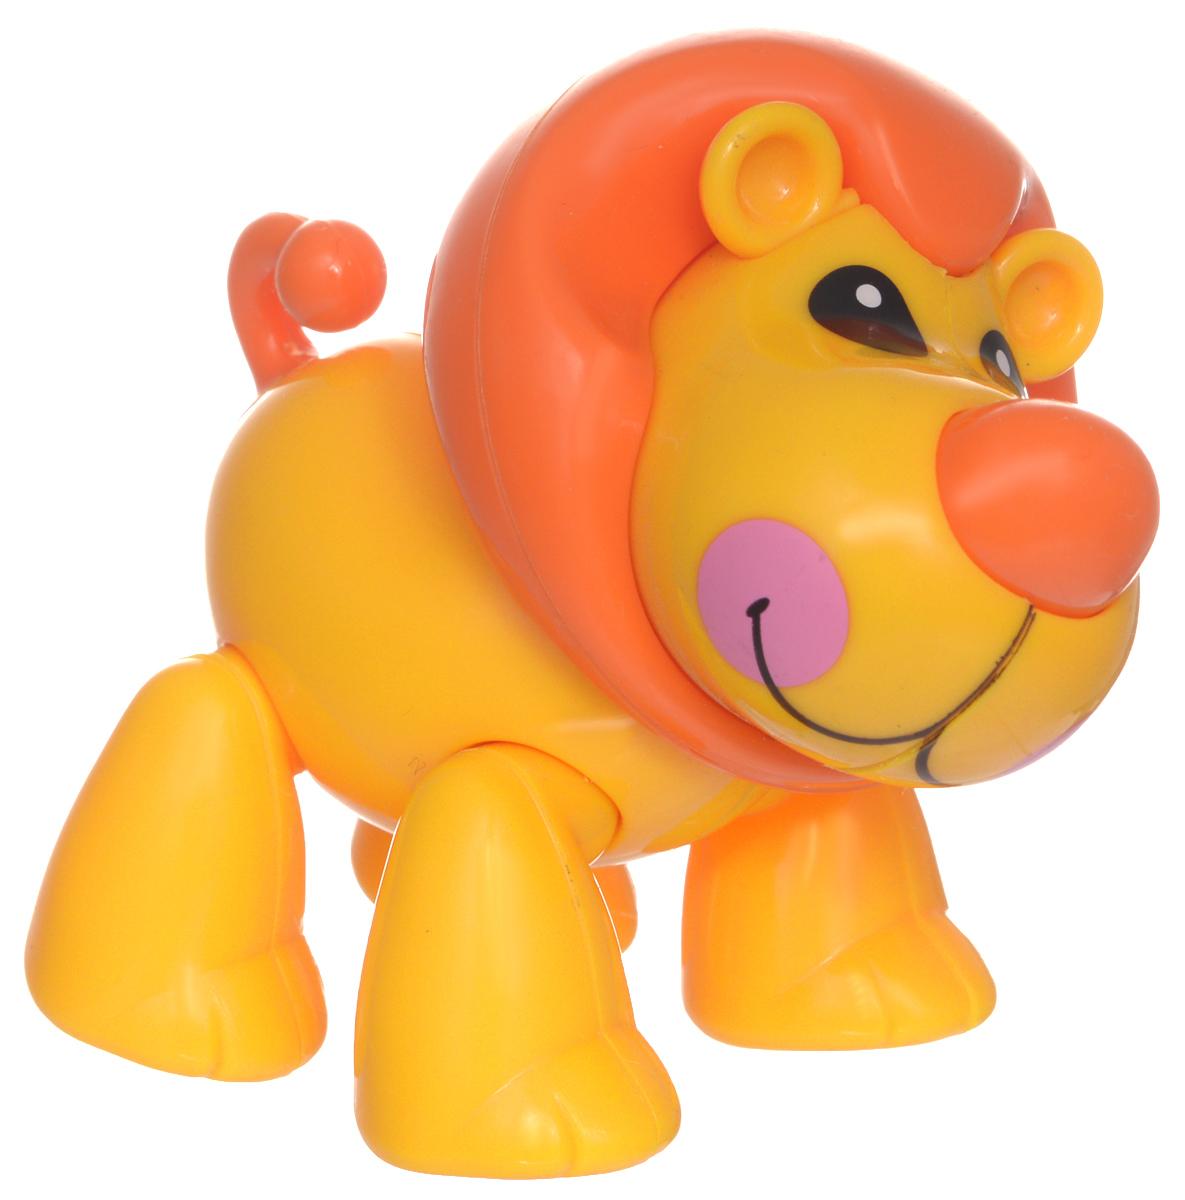 1TOY Фигурка В мире животных ЛевТ57444Фигурка В мире животных. Лев, выполненная из яркой пластмассы в виде симпатичного льва, непременно придется по душе вашему малышу. Забавная фигурка имеет подвижные лапы, хвост и шею. Если двигать частями тела животного, то будут слышны негромкие щелкающие звуки. Фигурка В мире животных способствует развитию у ребенка цветового и звукового восприятия, мелкой моторики рук, хватательного рефлекса, осязания, координации движений и изучению живого мира нашей планеты. Отлично подходит для сюжетно-ролевых игр, которые способствуют развитию памяти и воображения у малыша.